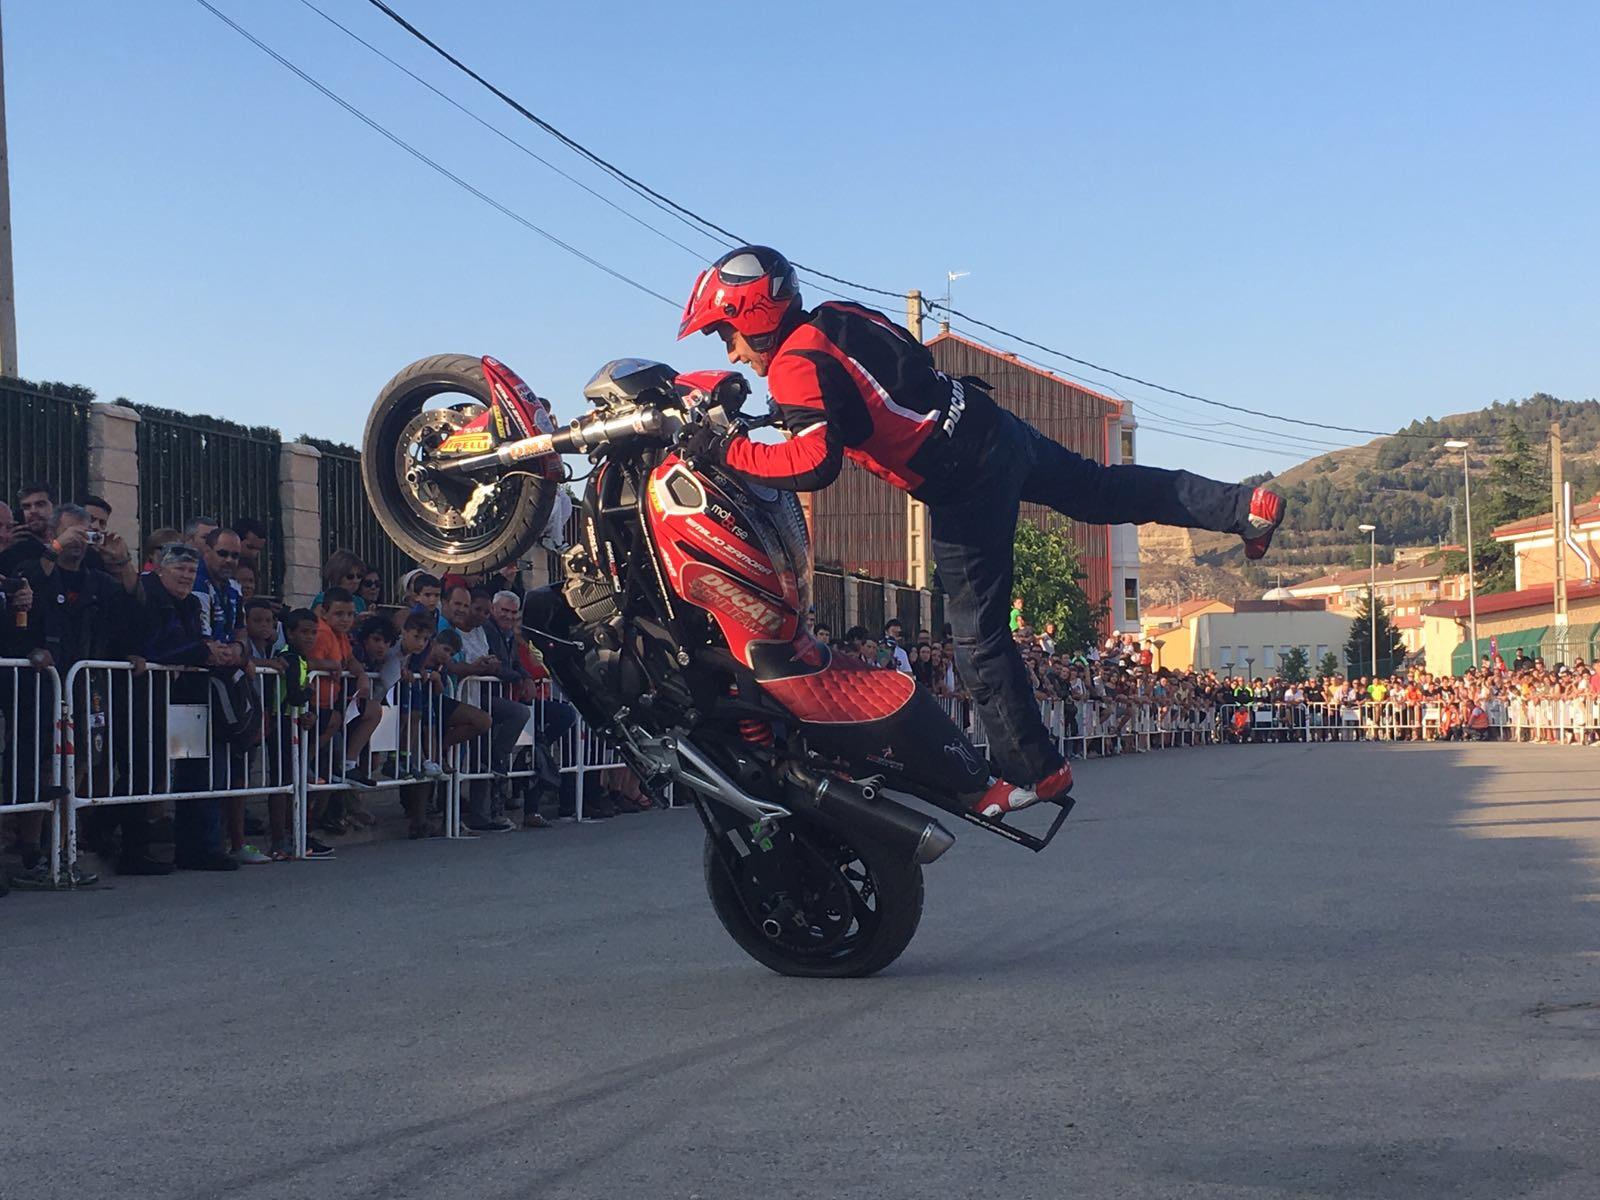 8_BELORADO_BURGOS_2017_TOCORRITOS_EMILIO_ZAMORA_DUCATI_STUNT_TEAM_MOTOR_SHOW_ESPECTACULO_MOTO_QUAD_